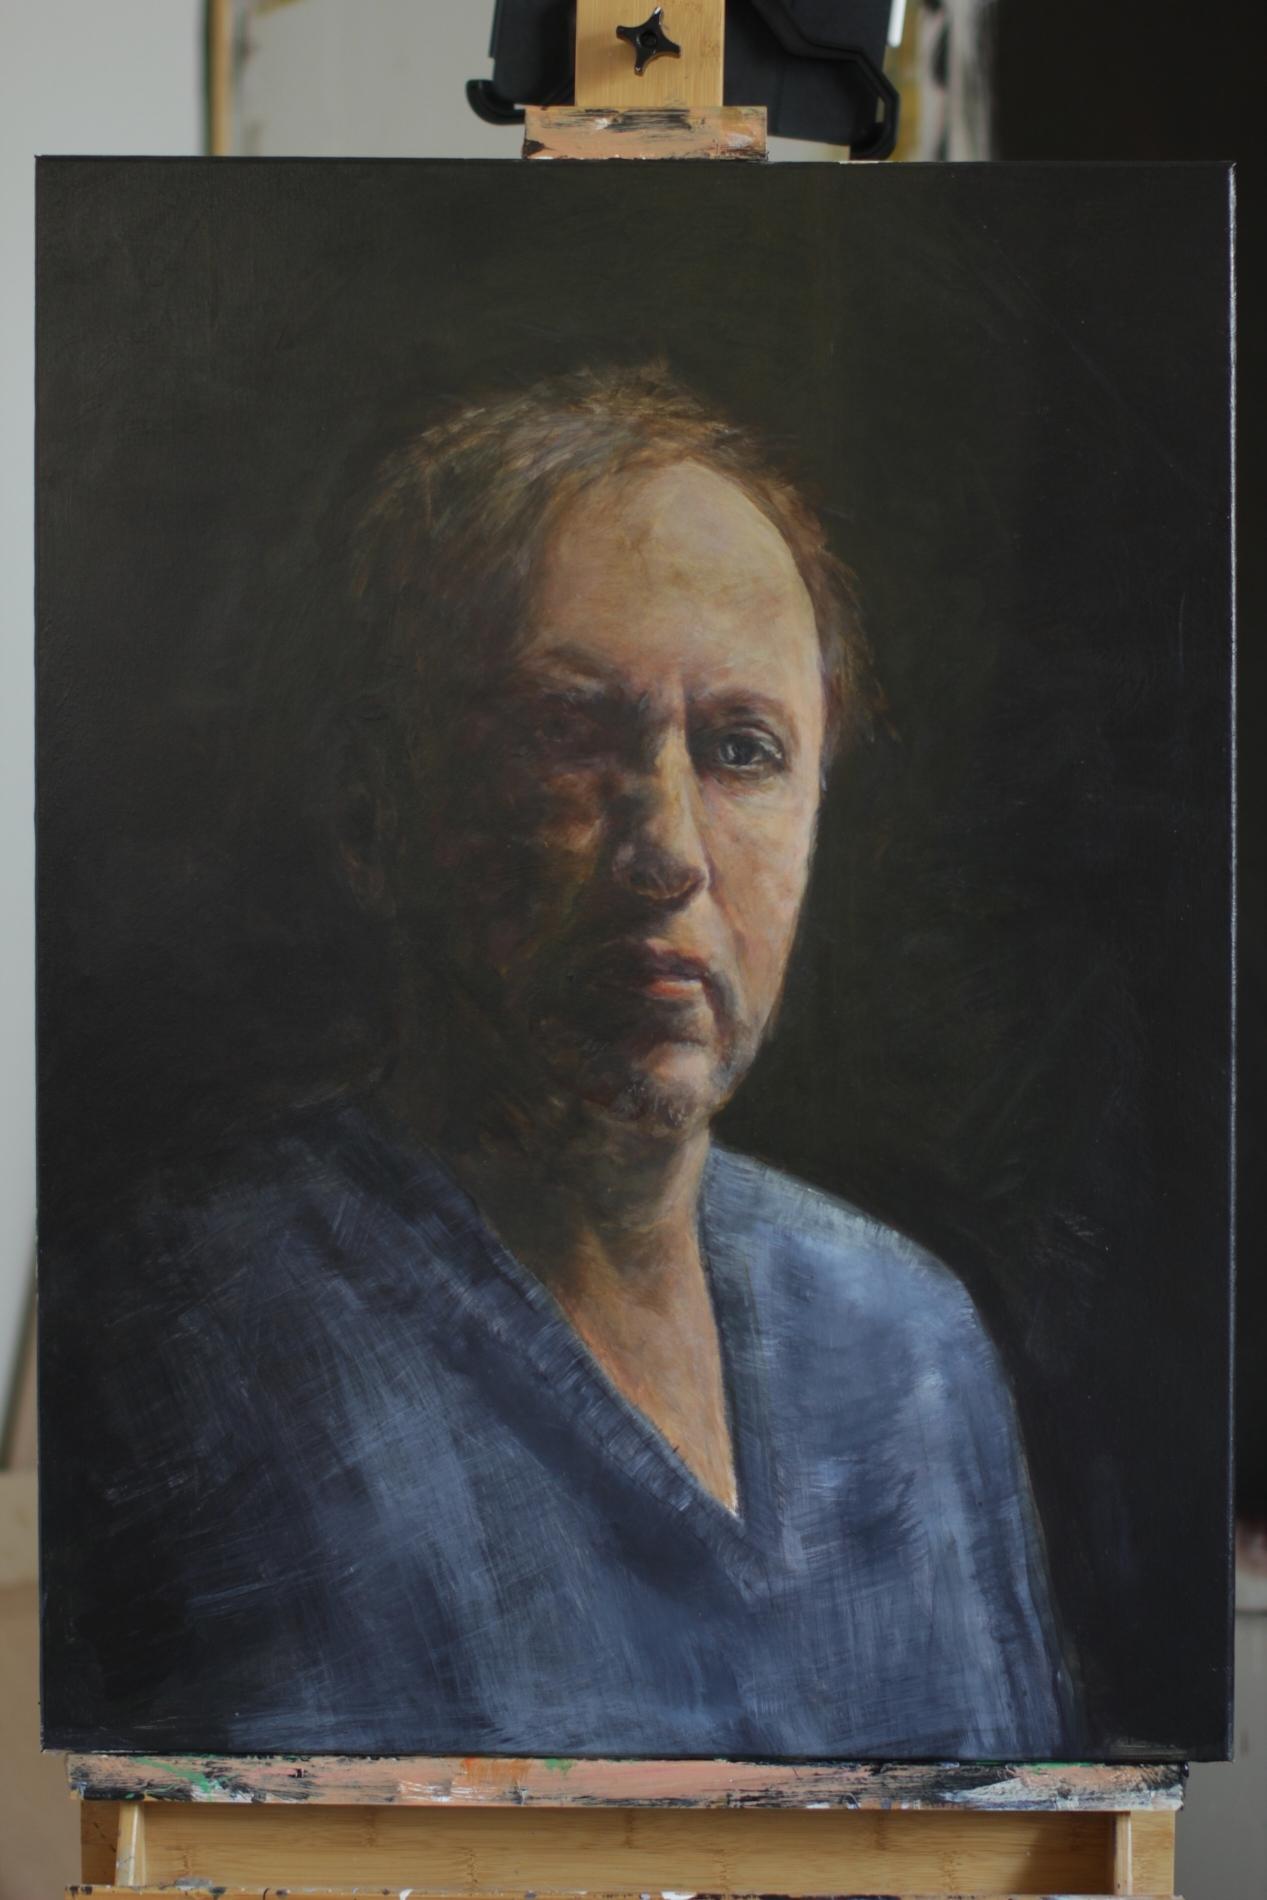 Jeroen-Self-Portrait. ©Jeroen Carelse